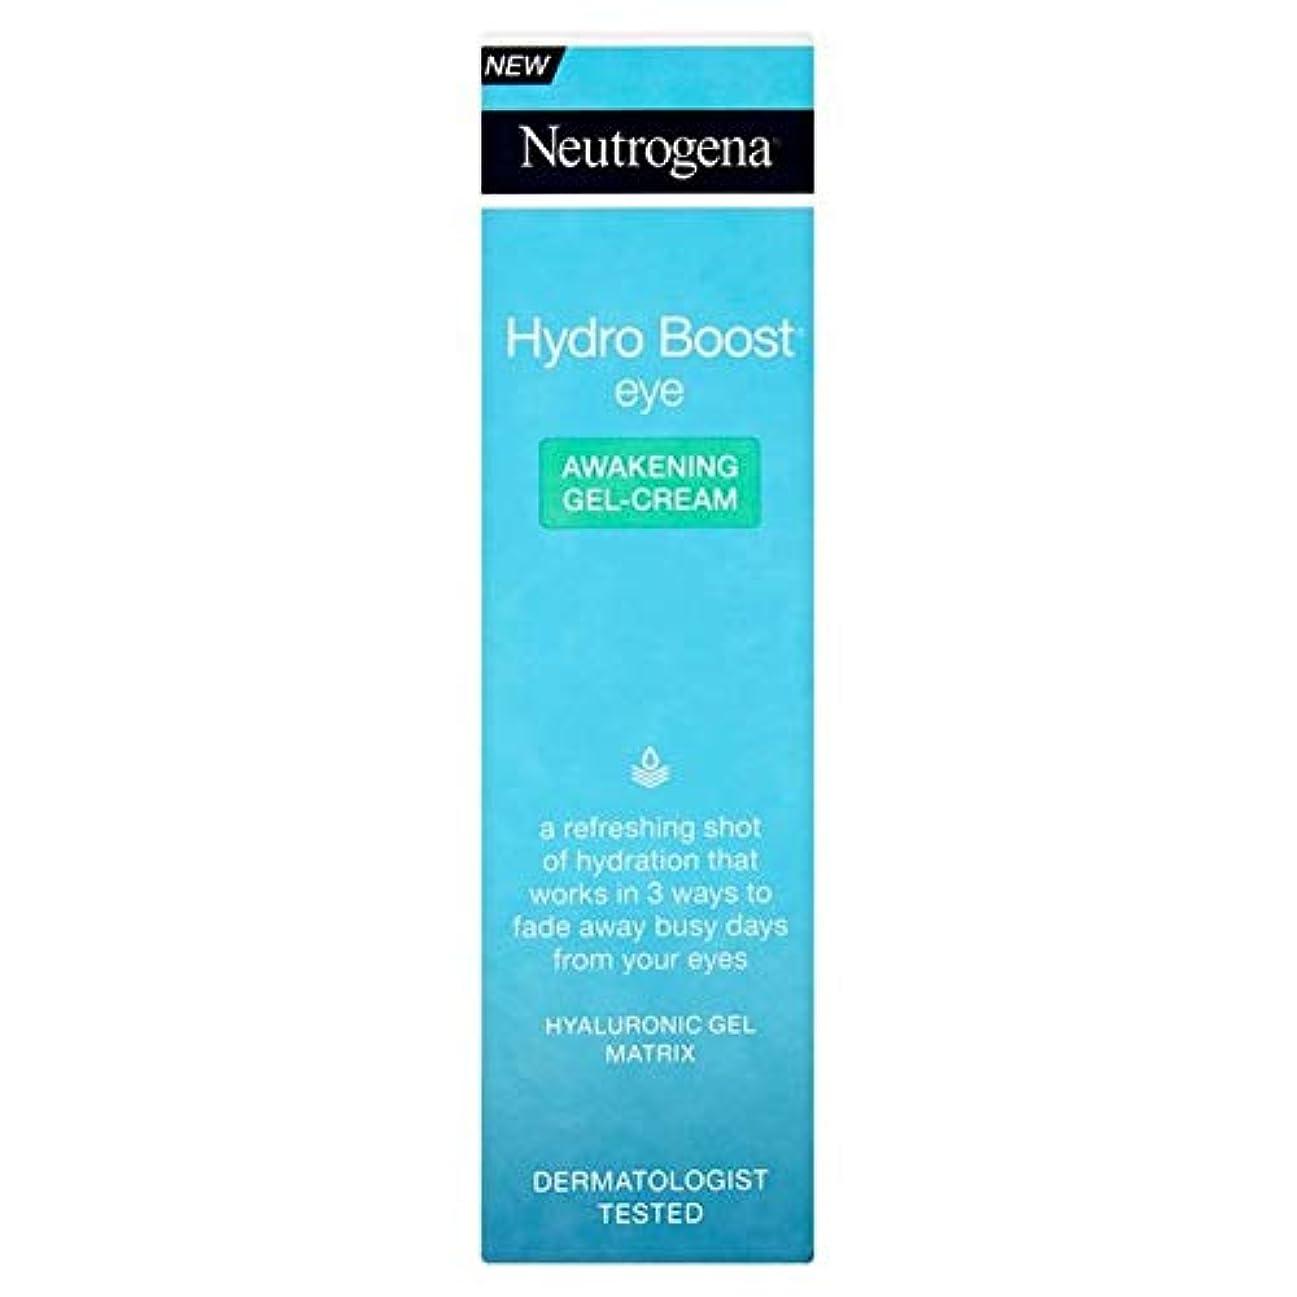 リンケージ自治主流[Neutrogena ] ニュートロジーナハイドロブーストアイ覚醒ゲルクリーム15Ml - Neutrogena Hydro Boost Eye Awakening Gel-Cream 15ml [並行輸入品]